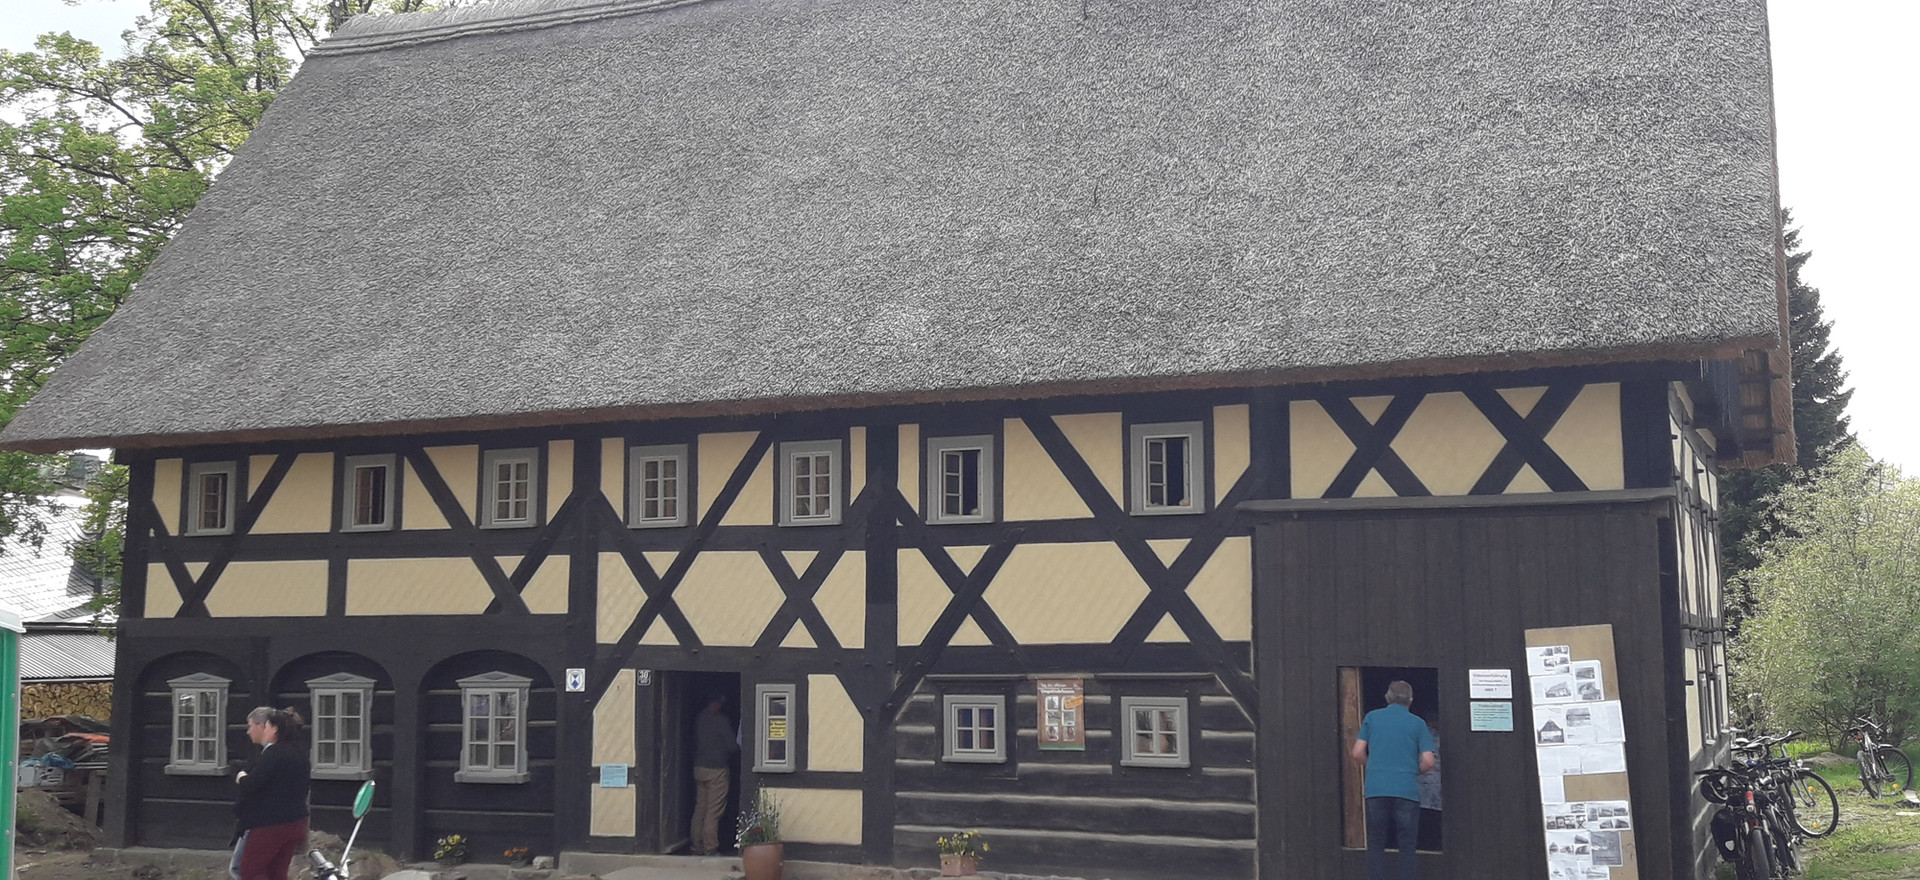 Ebersbach Neugersdorf: Hugenottenhaus